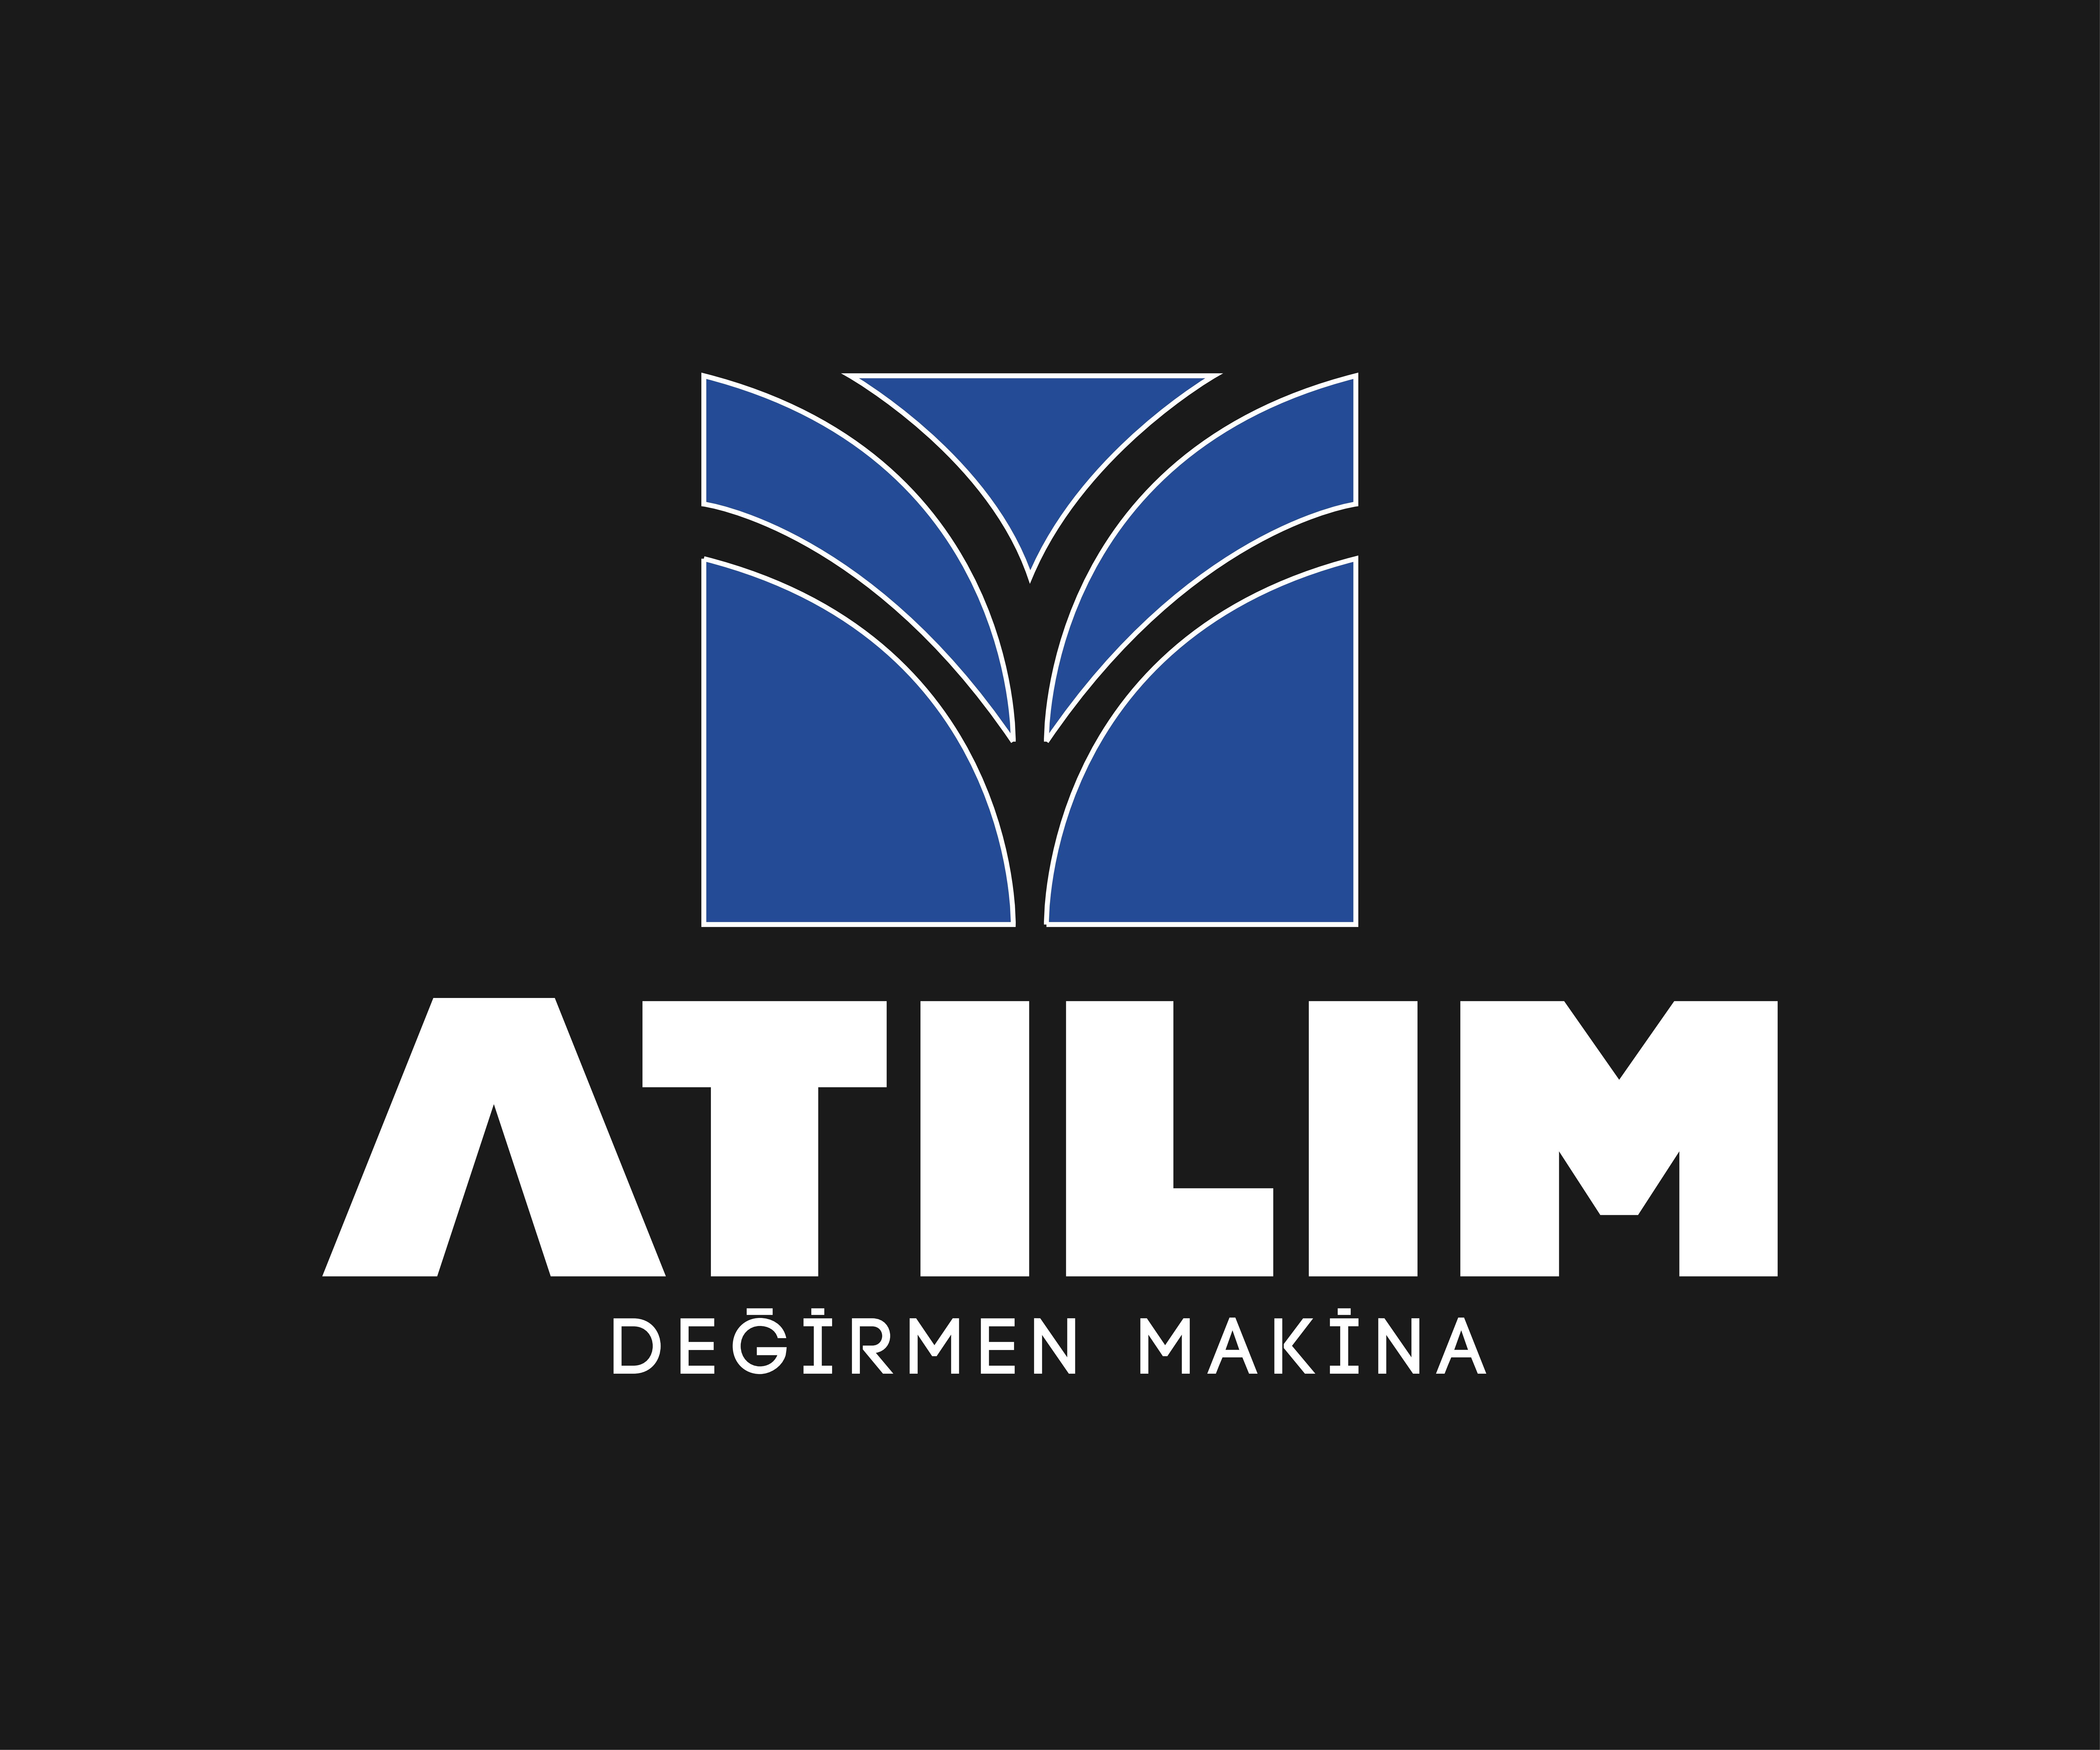 ATILIM DEGIRMEN MAK. SAN. TIC. LTD. STI.